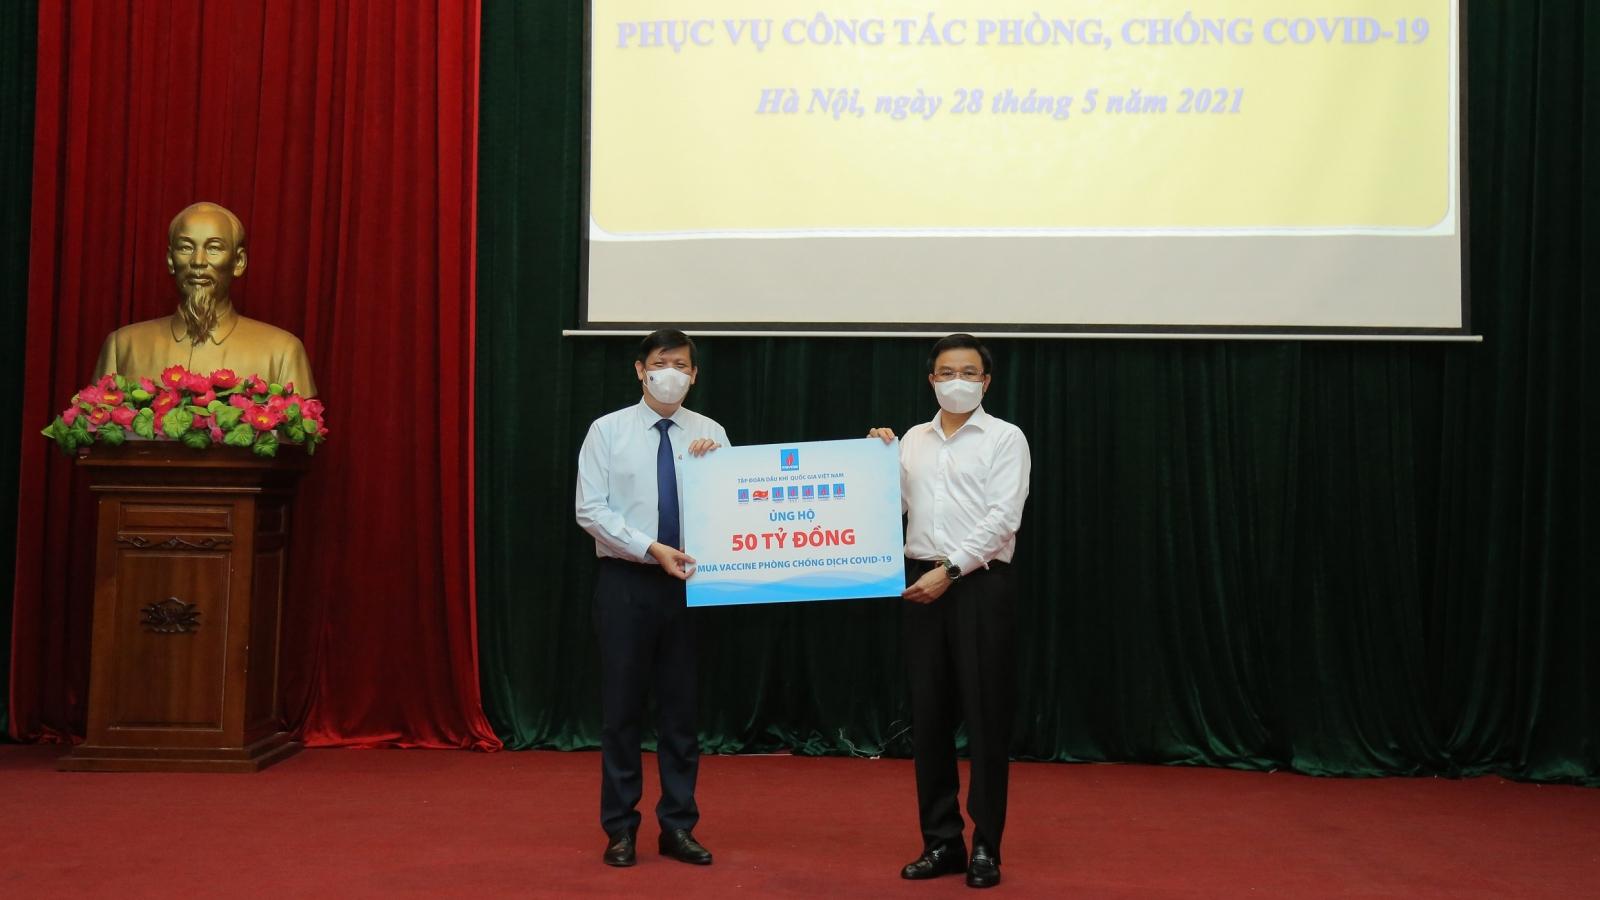 Petrovietnam trao ủng hộ 50 tỉ đồng cho Quỹ vaccine phòng Covid-19